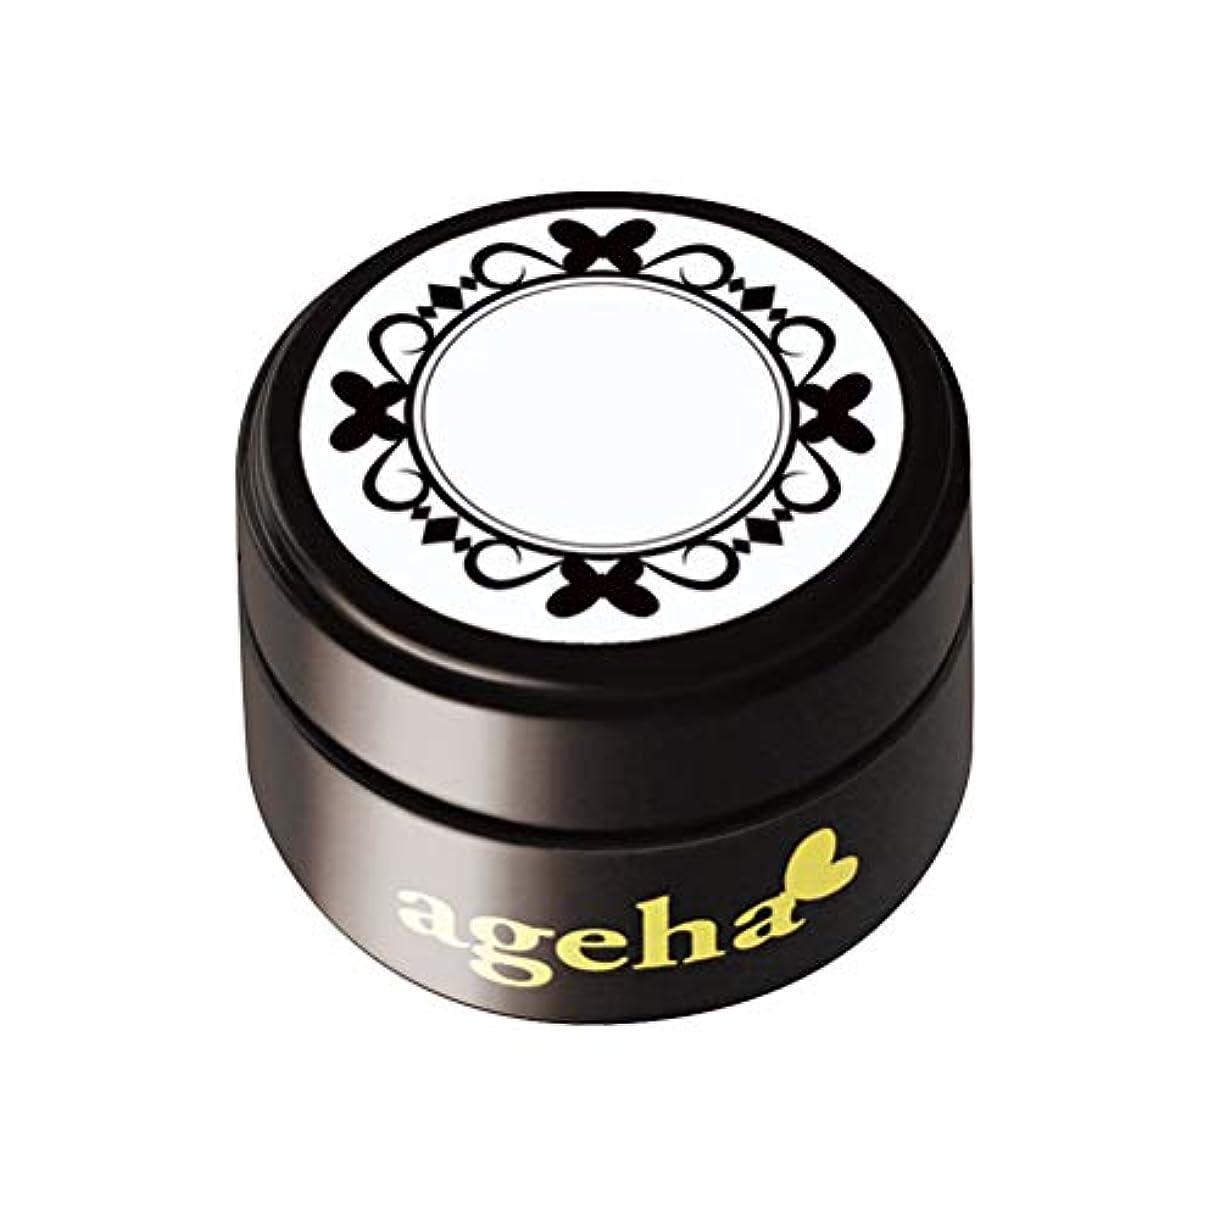 満了子犬起こるageha コスメカラー 232 レトロシナモン 2.7g UV/LED対応